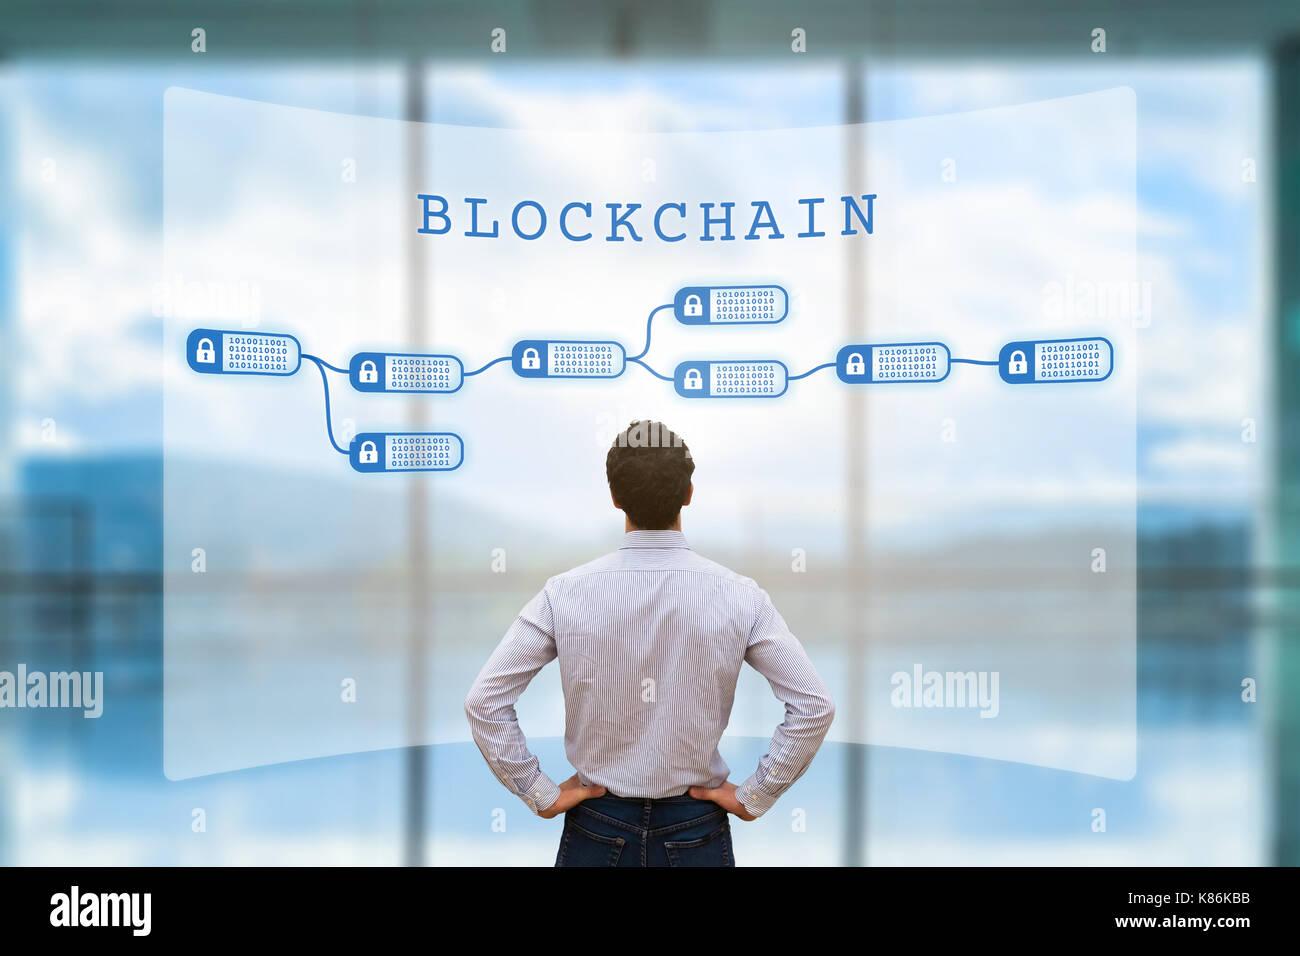 Persona che guarda blockchain concetto sullo schermo come un assicurato decentralizzata per la contabilità finanziaria cryptocurrency tecnologia e business dati di transazione Immagini Stock